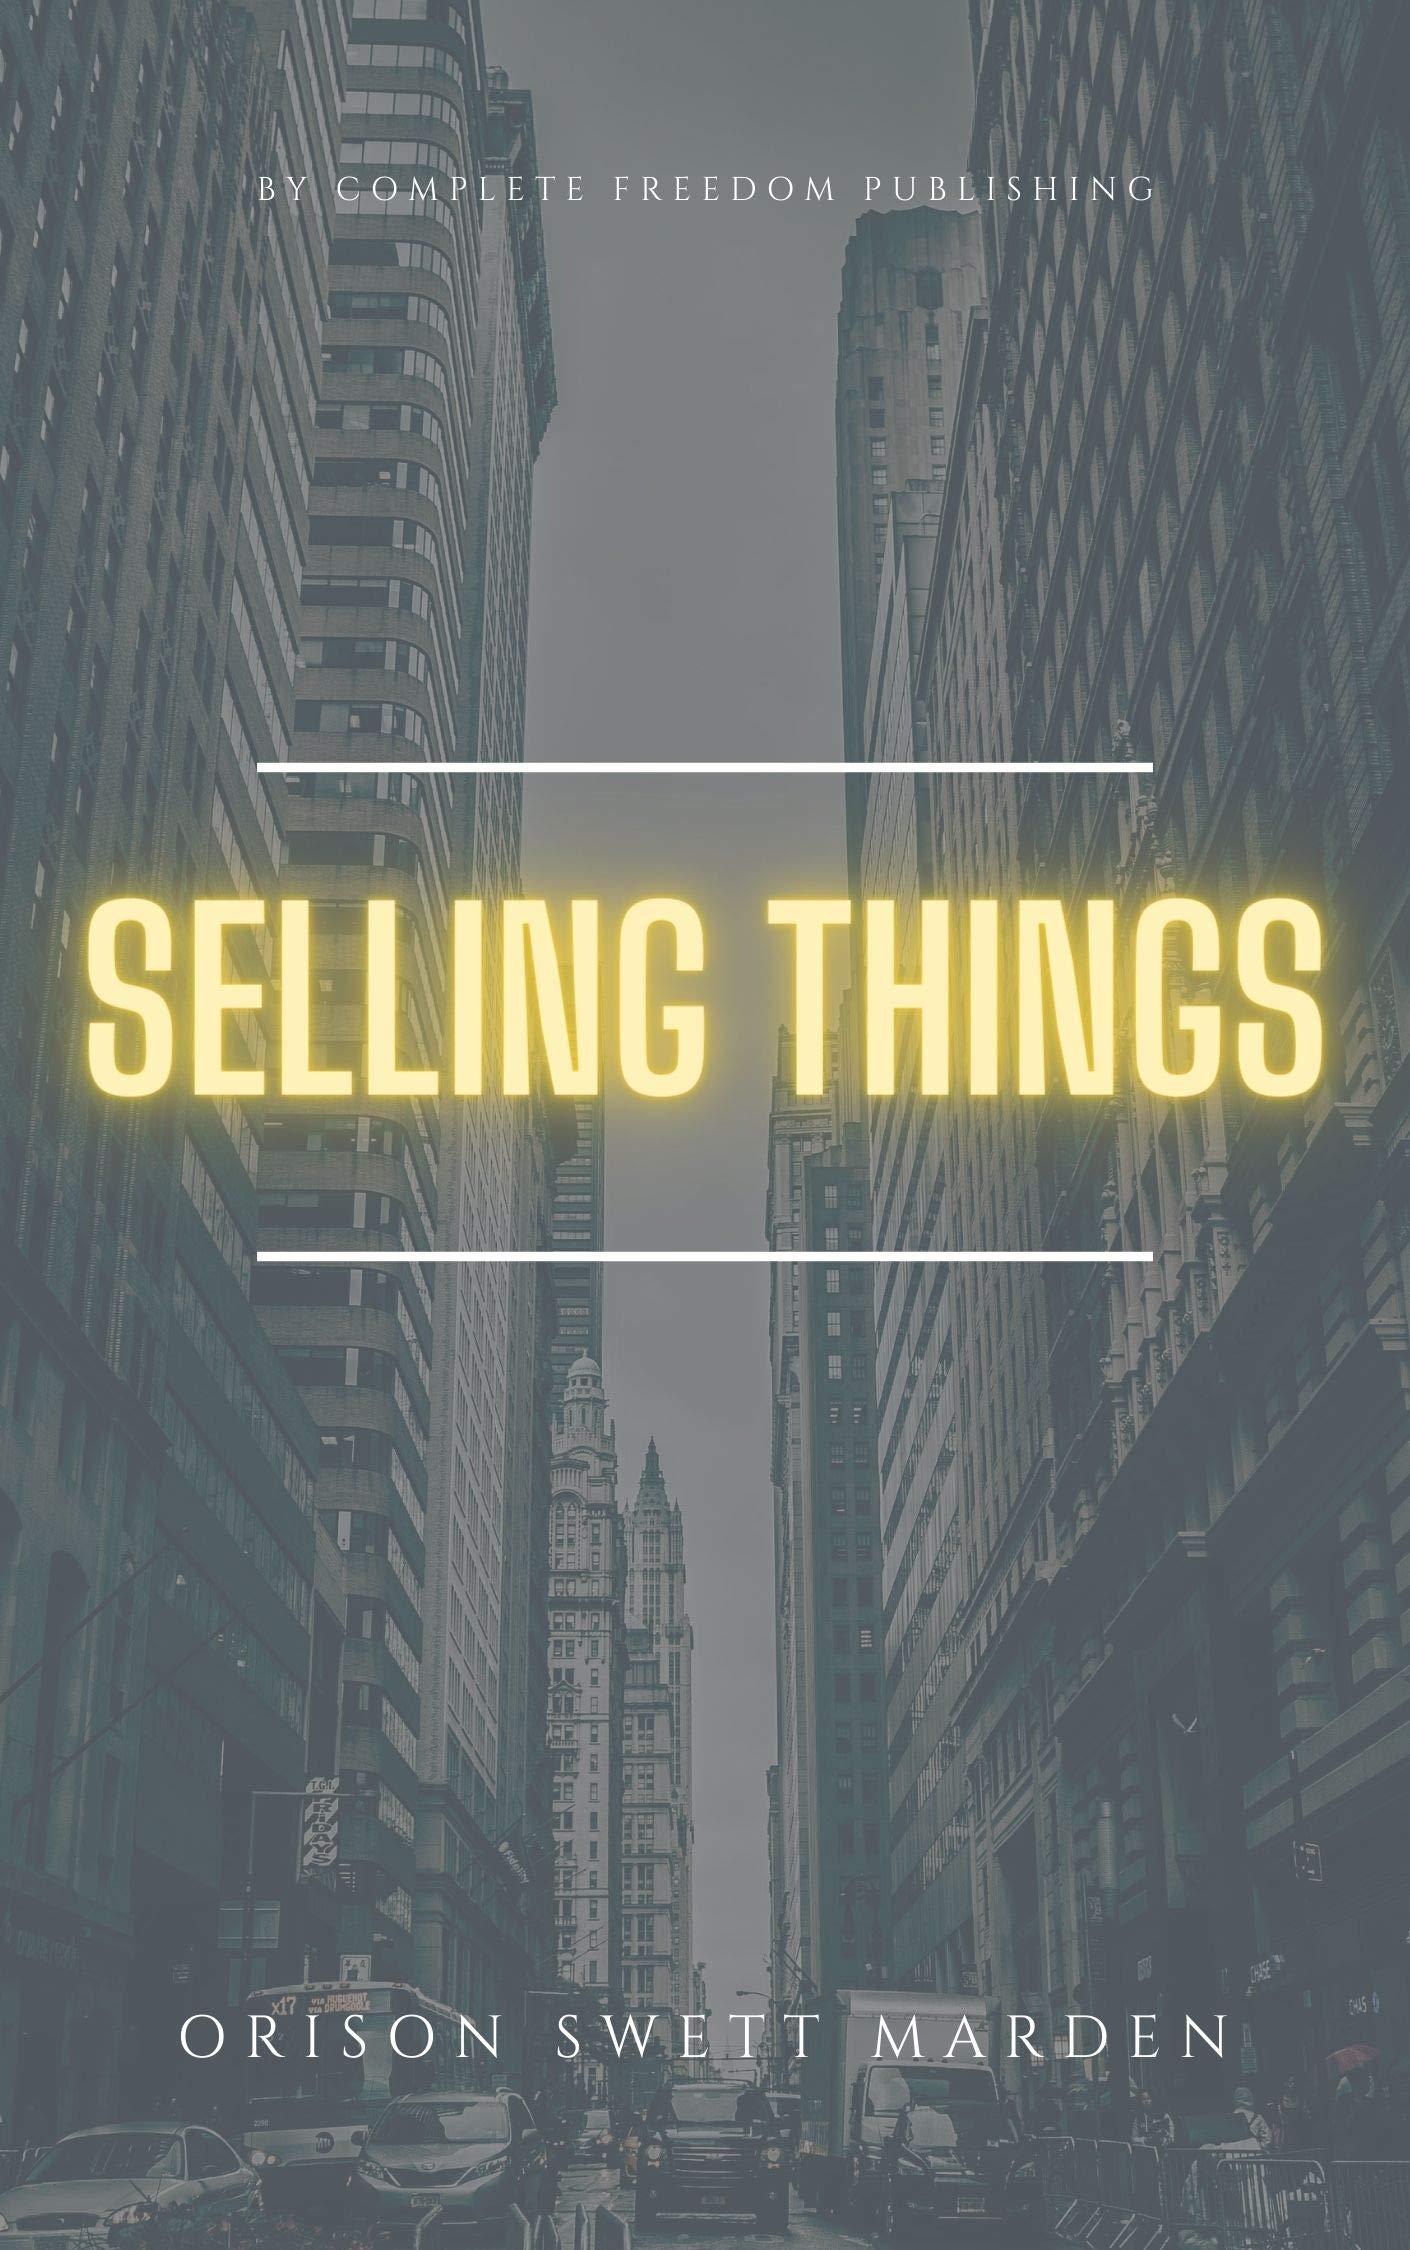 Selling Things